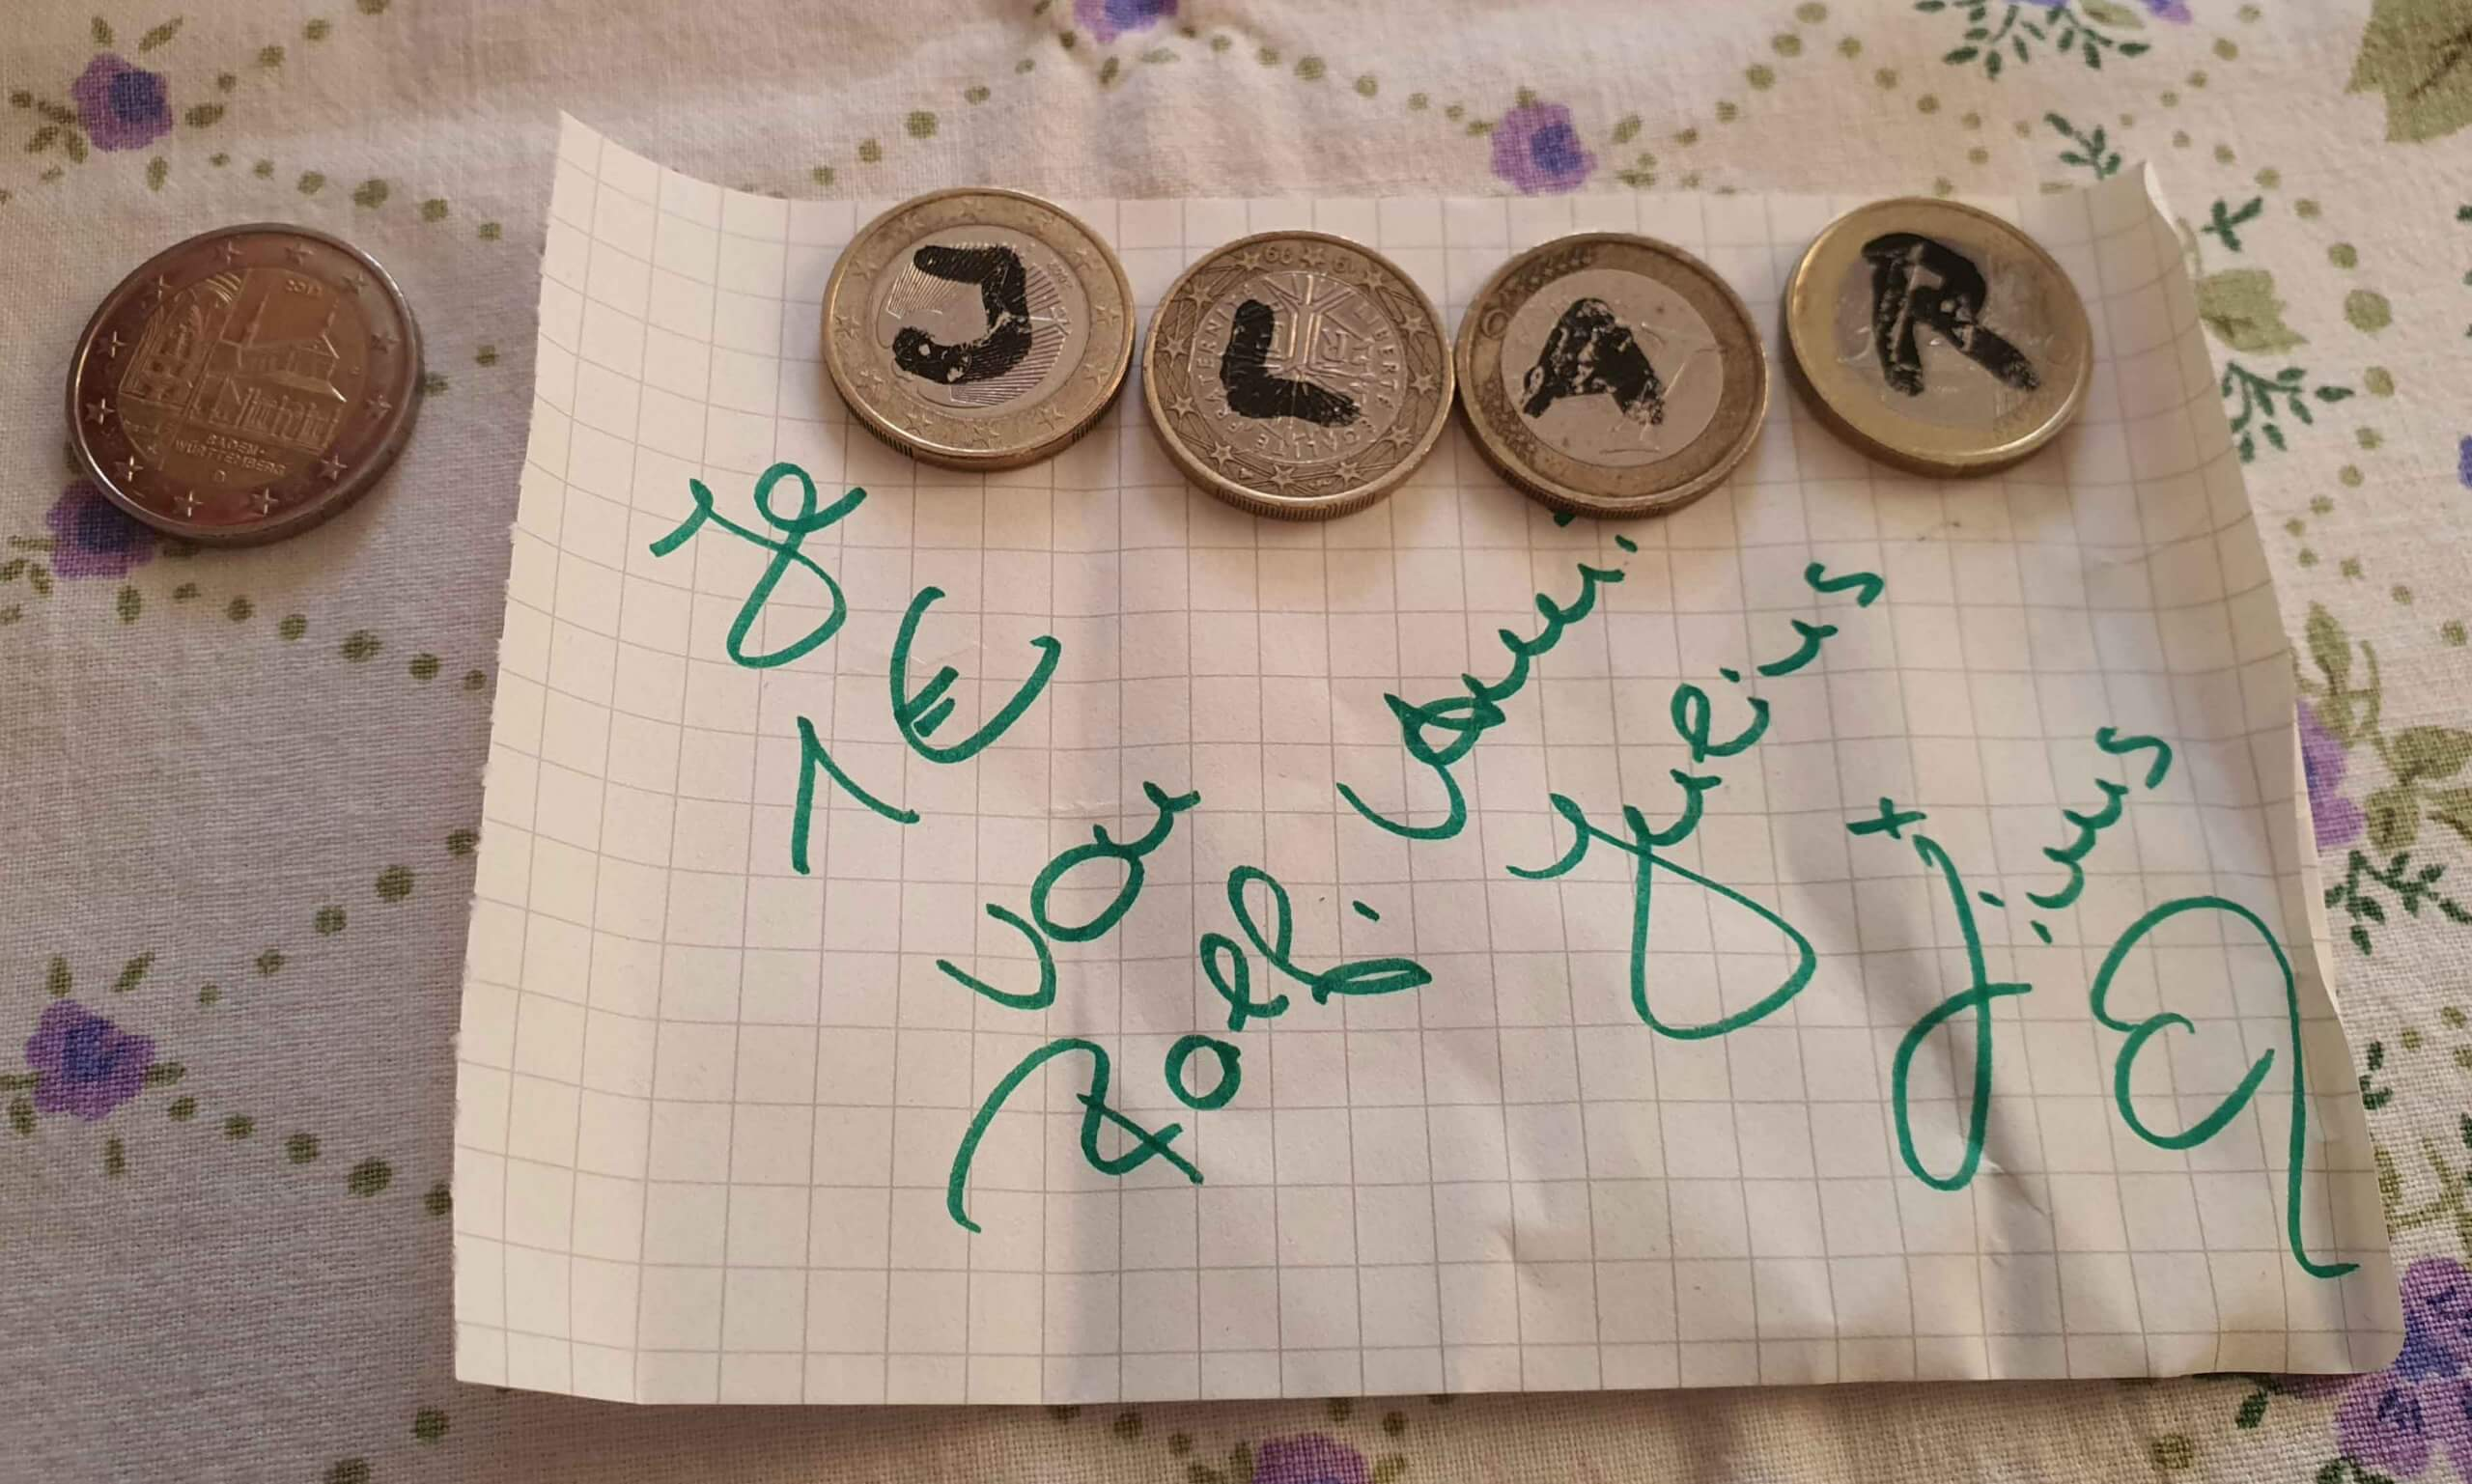 Spende mit Botschaft für den Kreativkonsum, Foto: M. Steuer